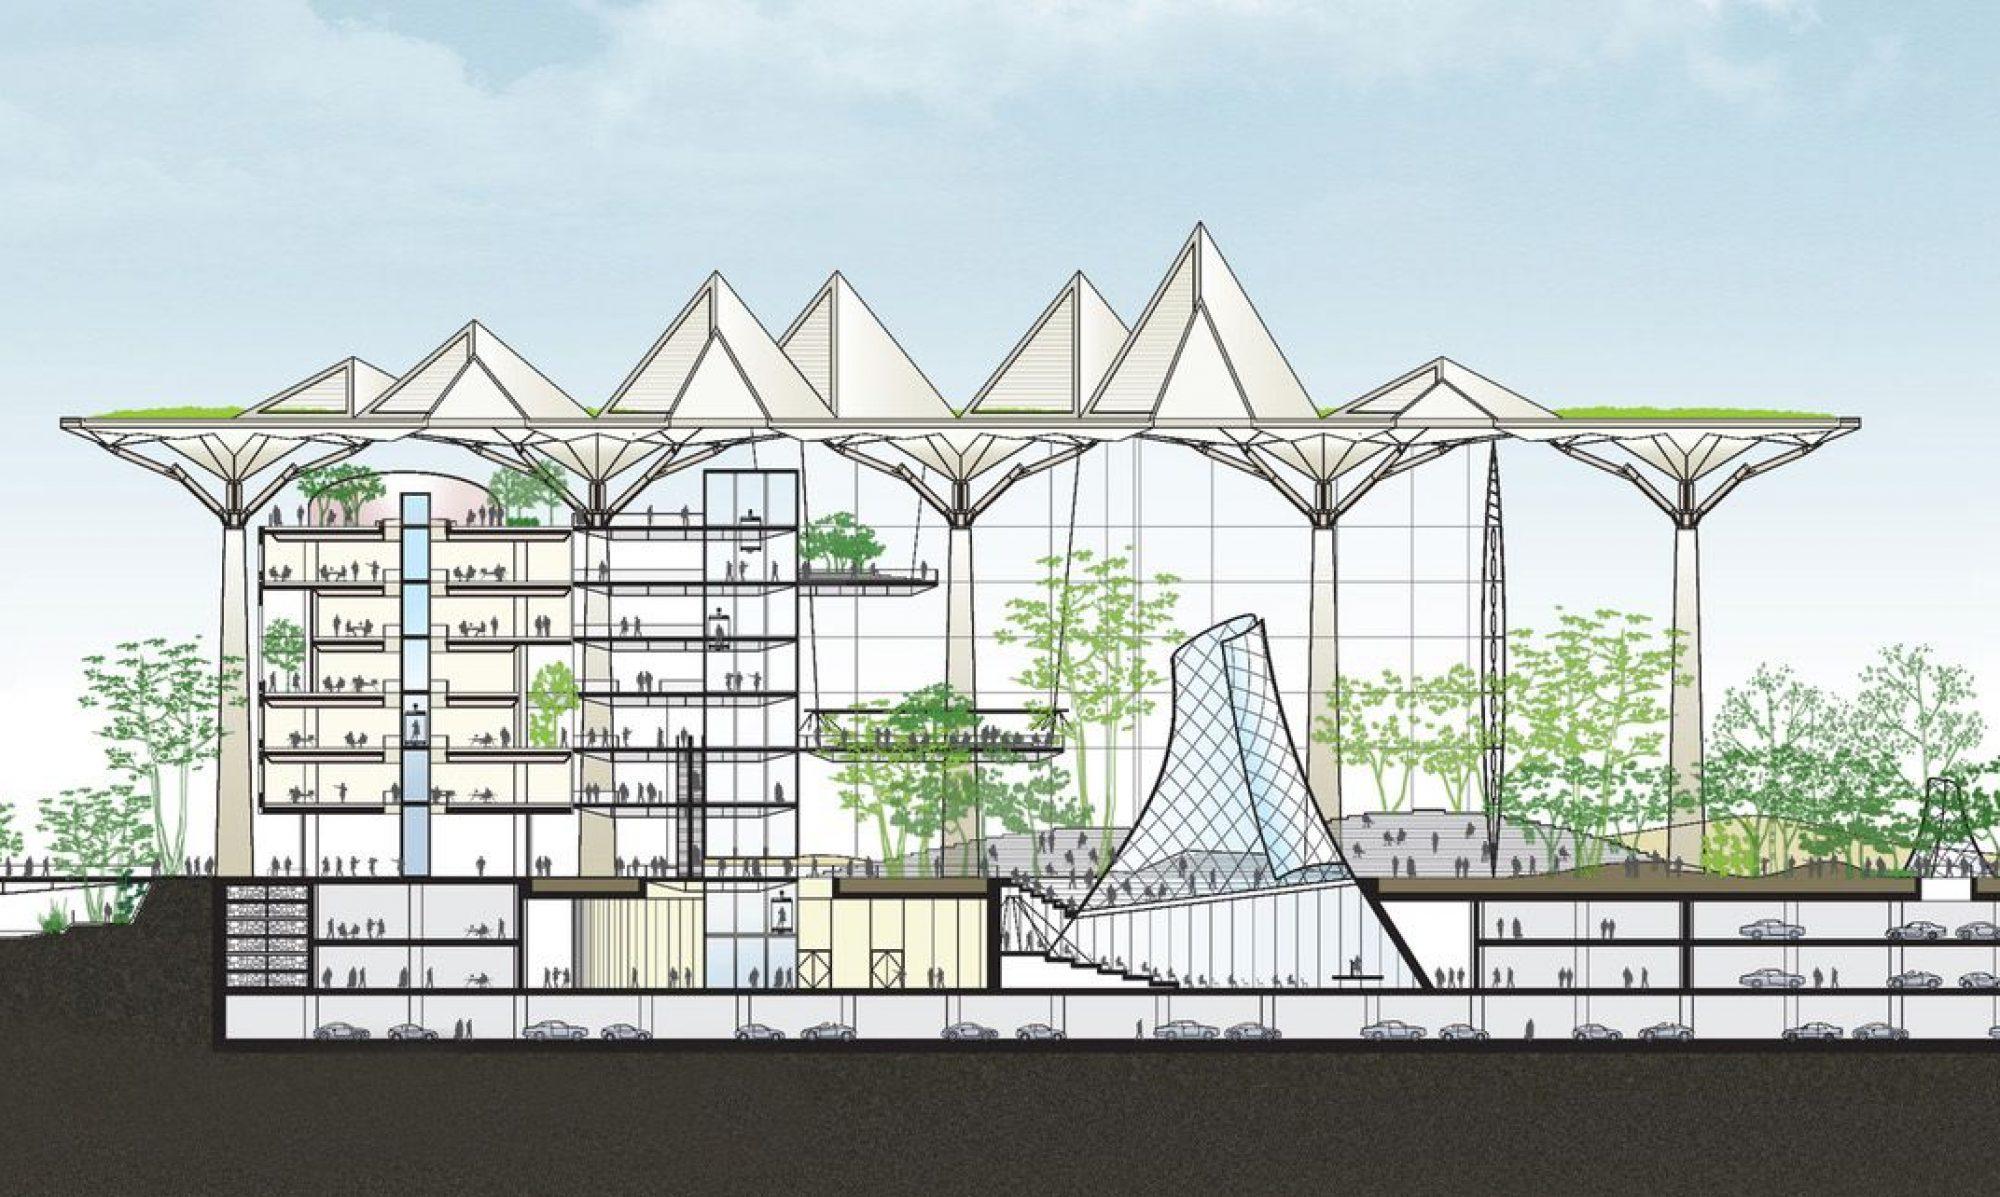 Akihisa Kageyama Architects, Limited. -  株式会社 䕃山晶久アーキテクツ